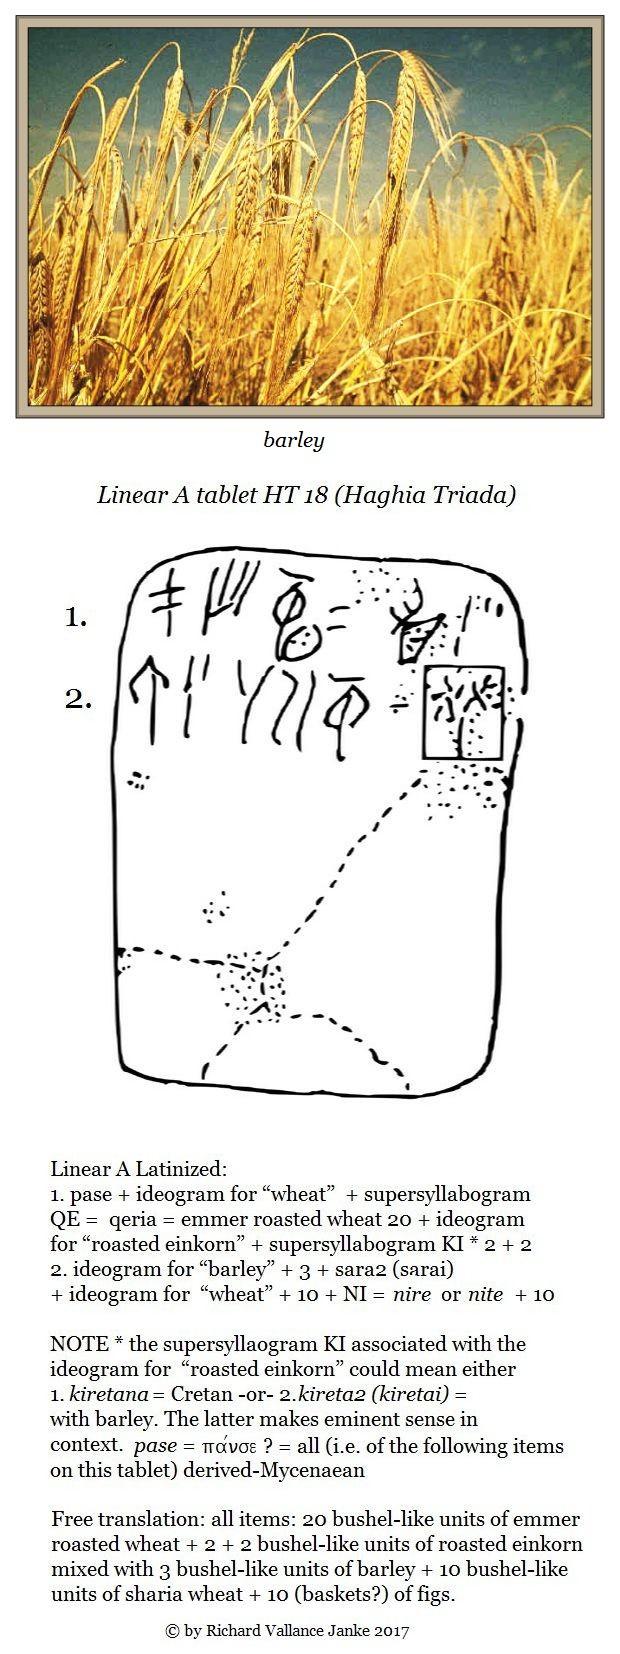 Linear A tablet HT 18 Haghia Triada